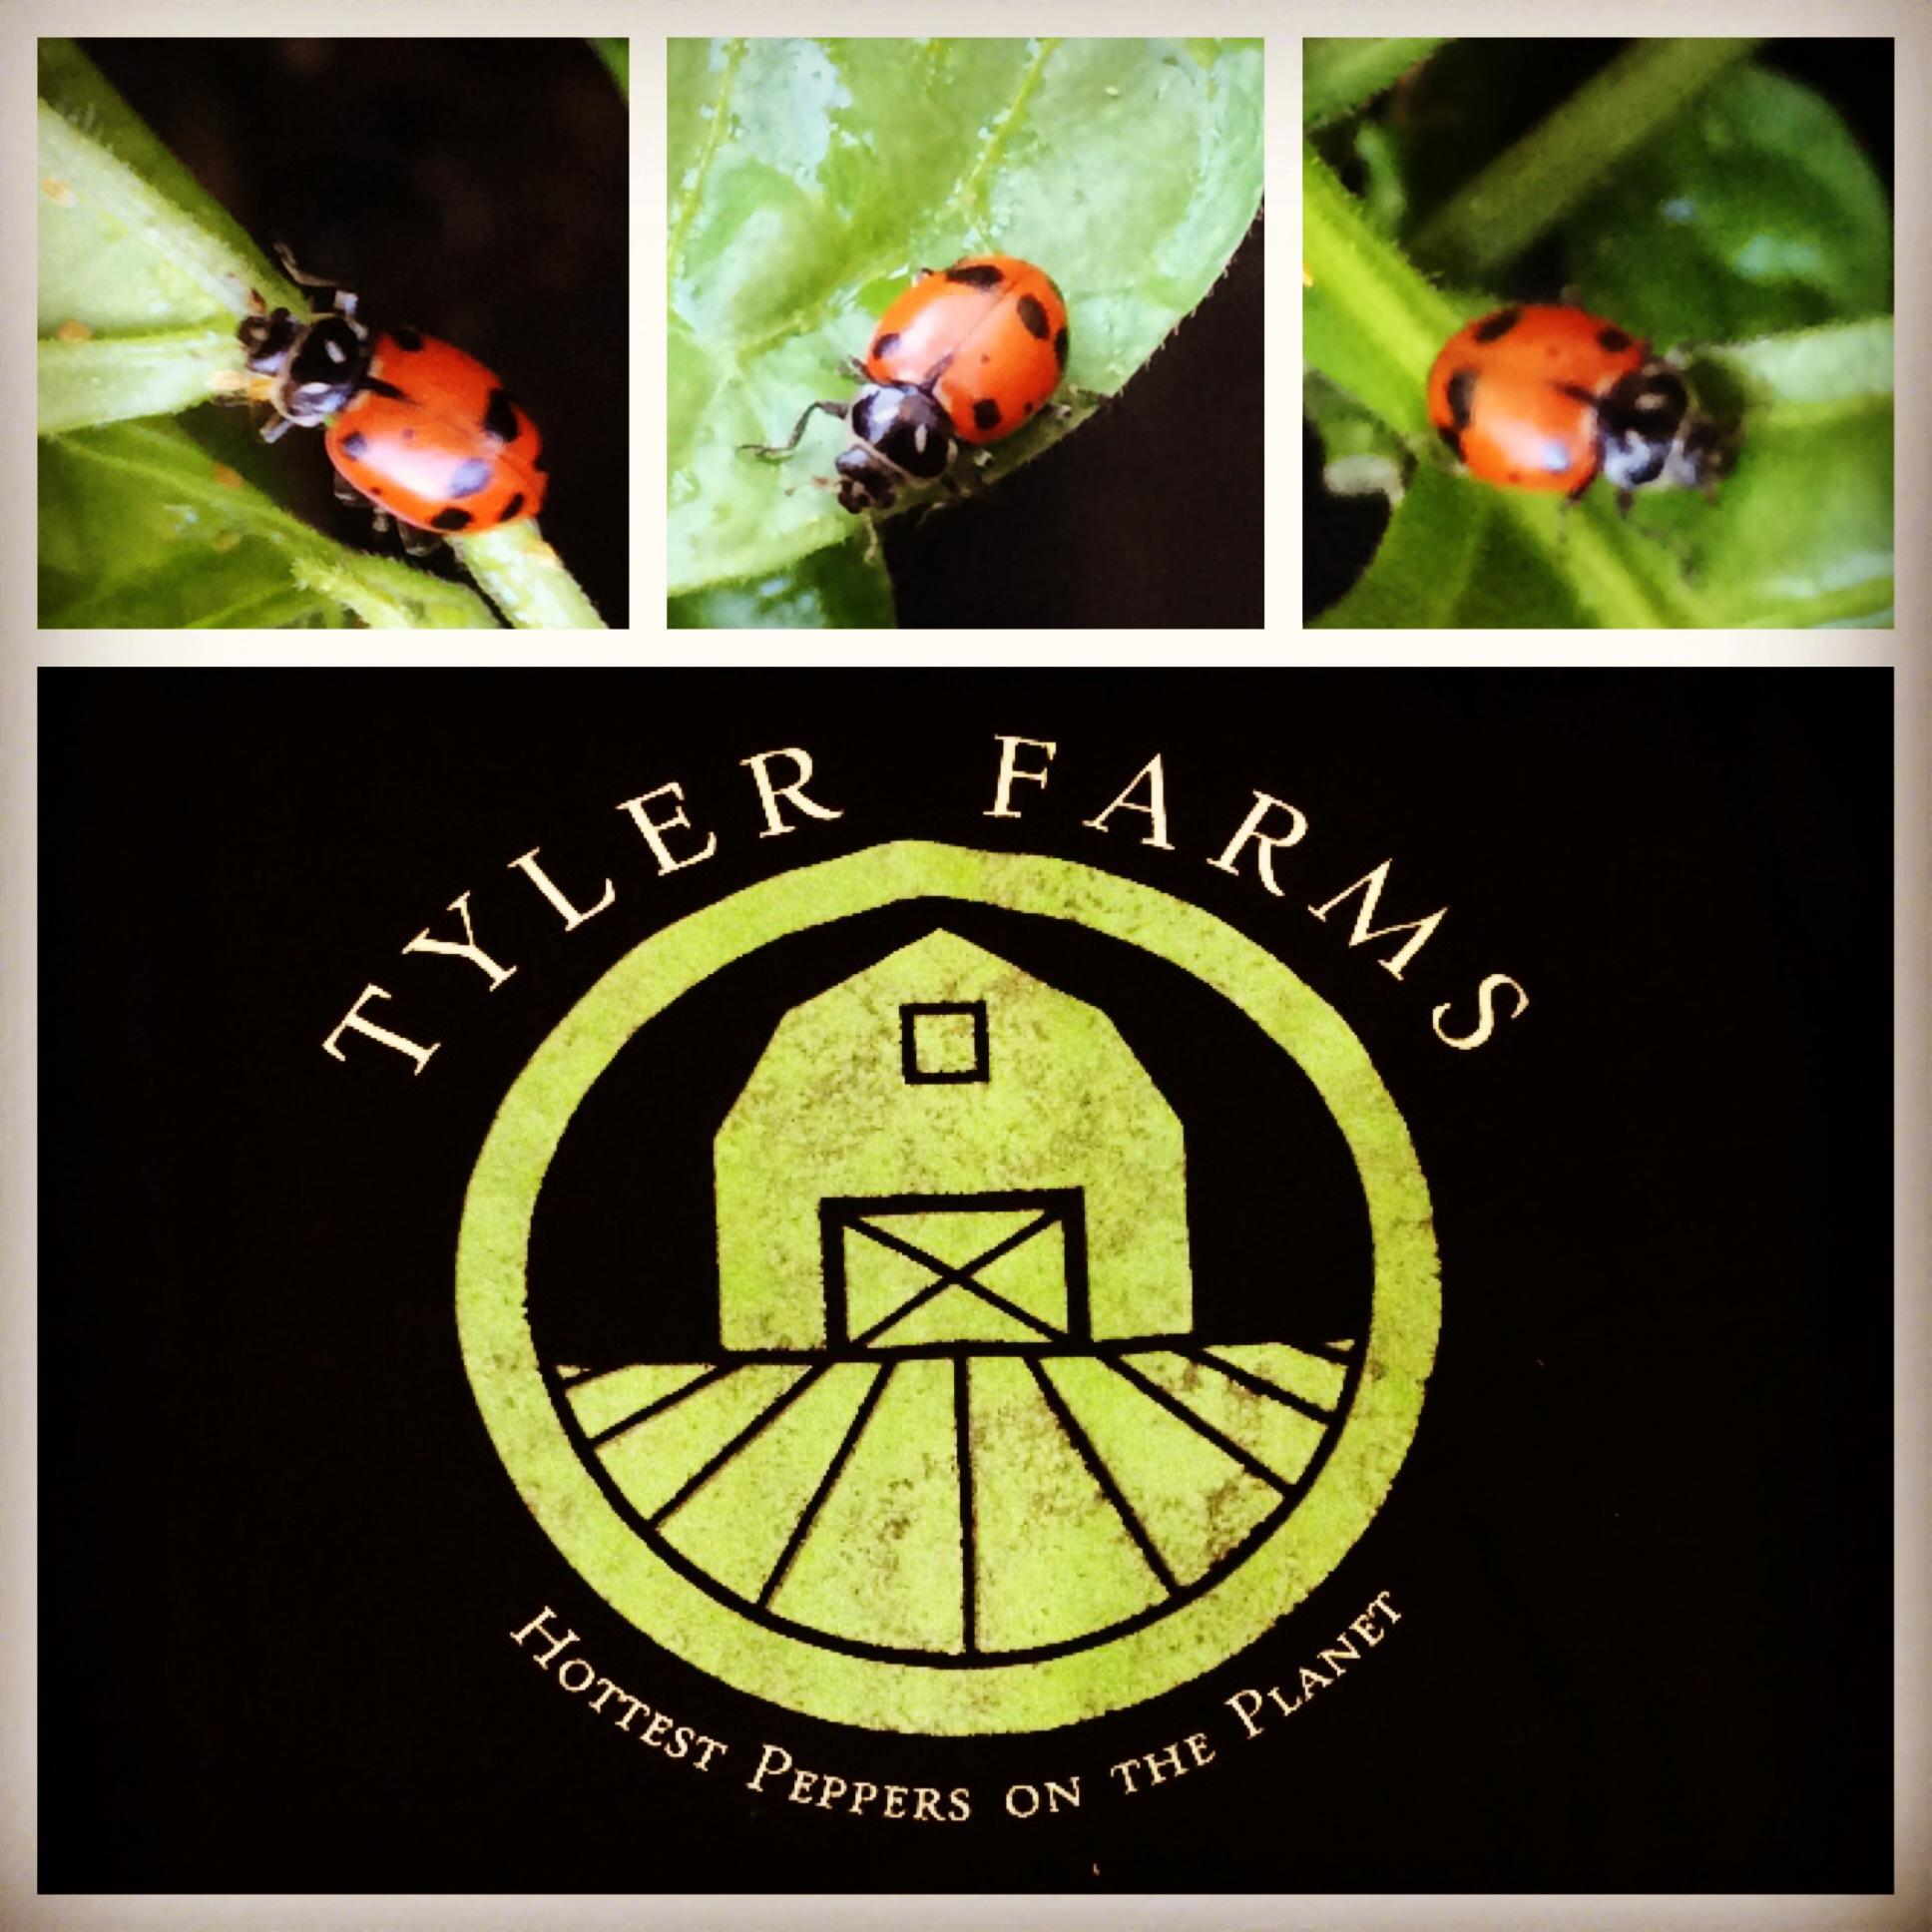 tyler-farms-ladybugs.jpg